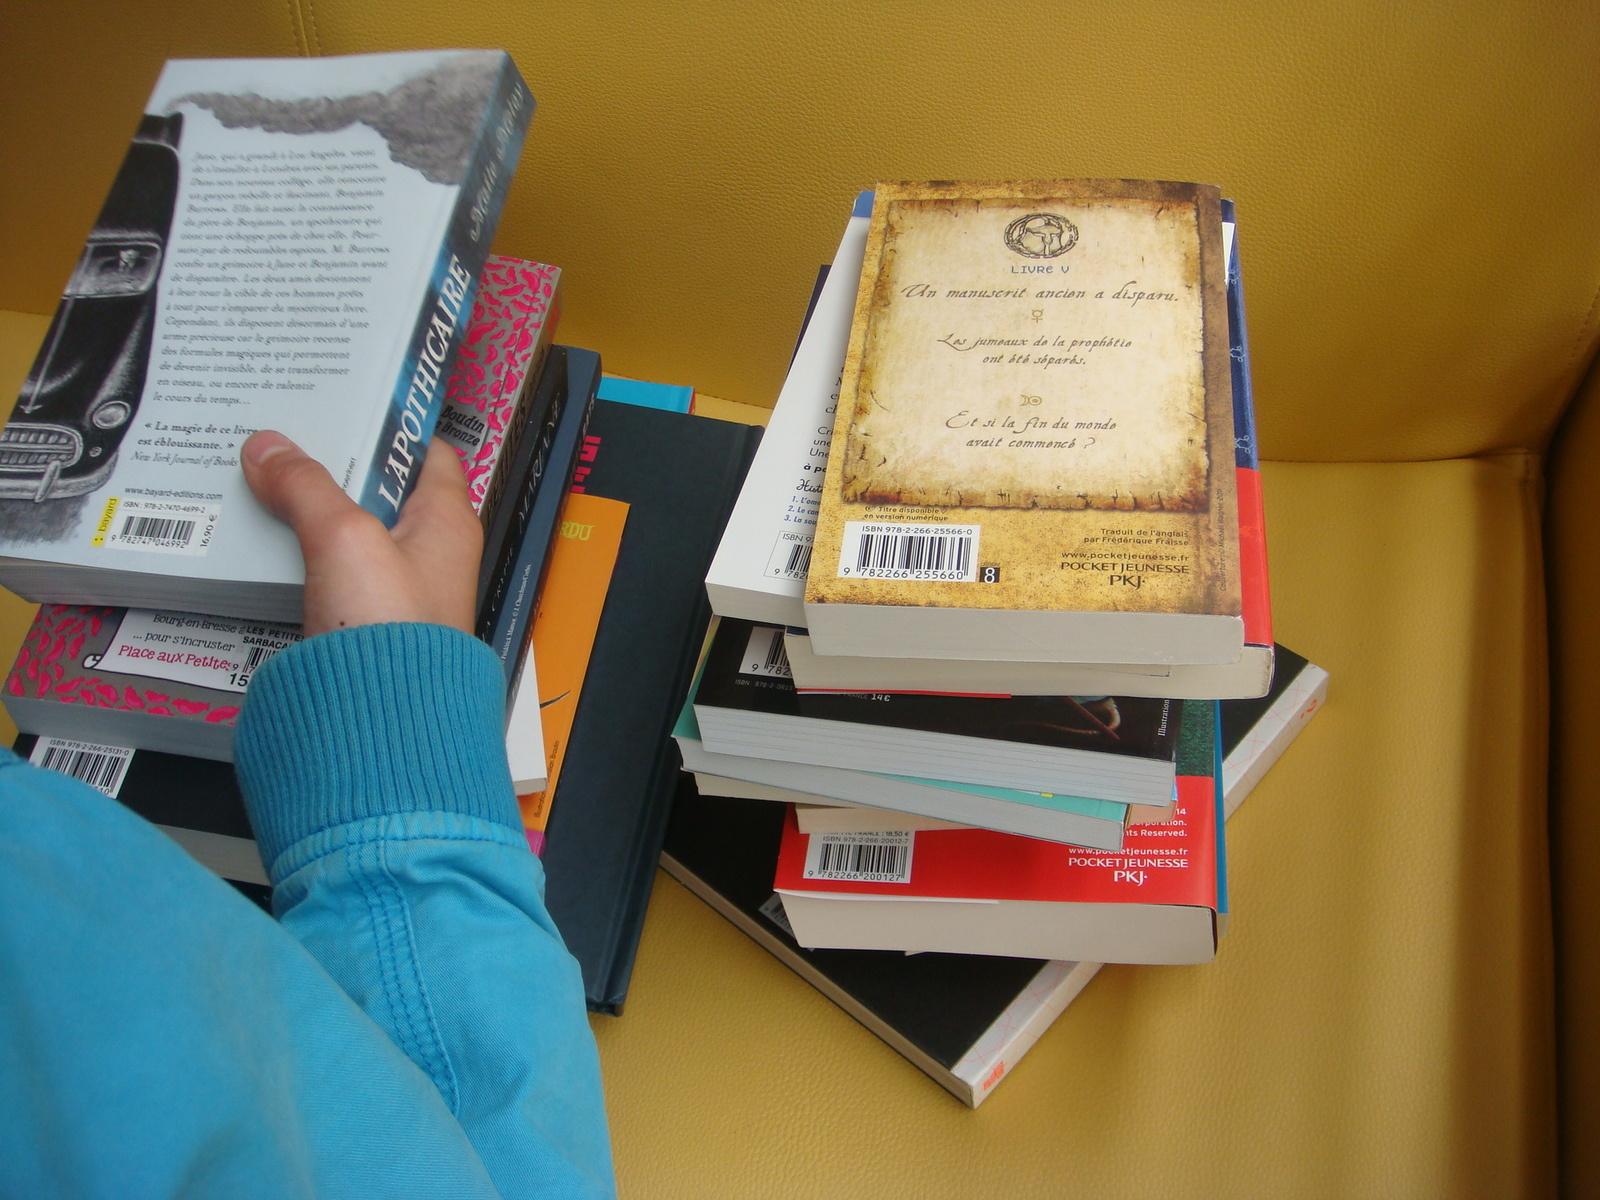 Sortie à la librairie : réunion d'information !